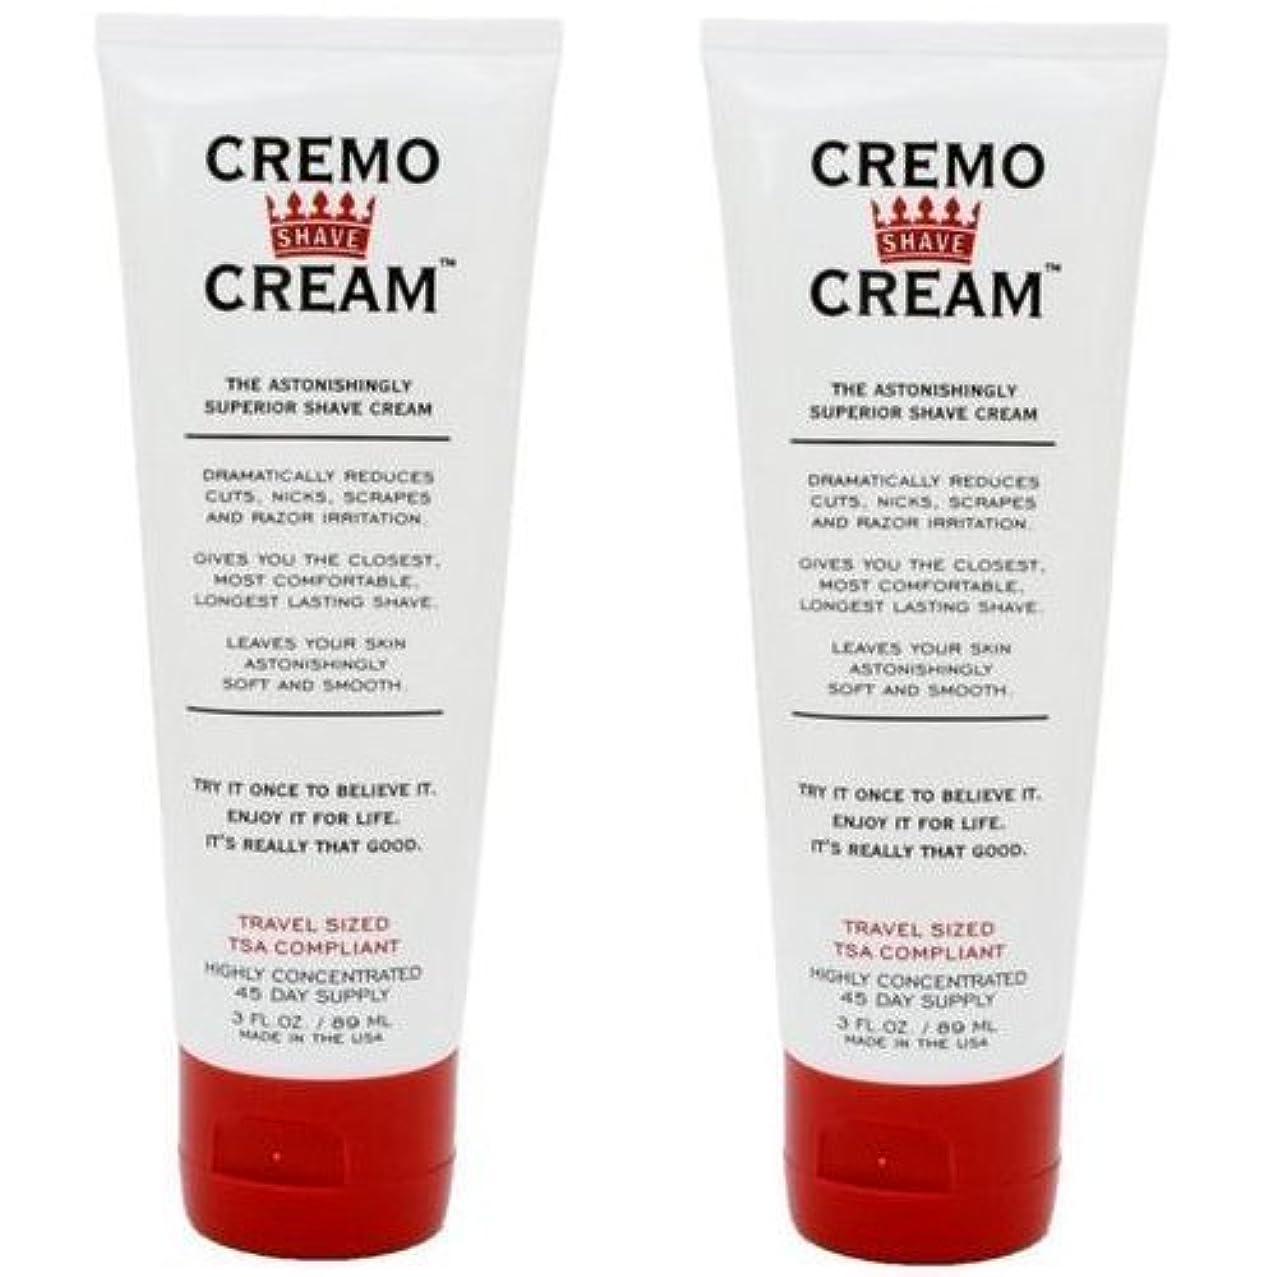 むしろアーティスト日食Cremo Original Shave Cream Astonishingly Superior Shaving Cream for Men Travel Size 3 Fluid Ounce (2 Pack) [並行輸入品]